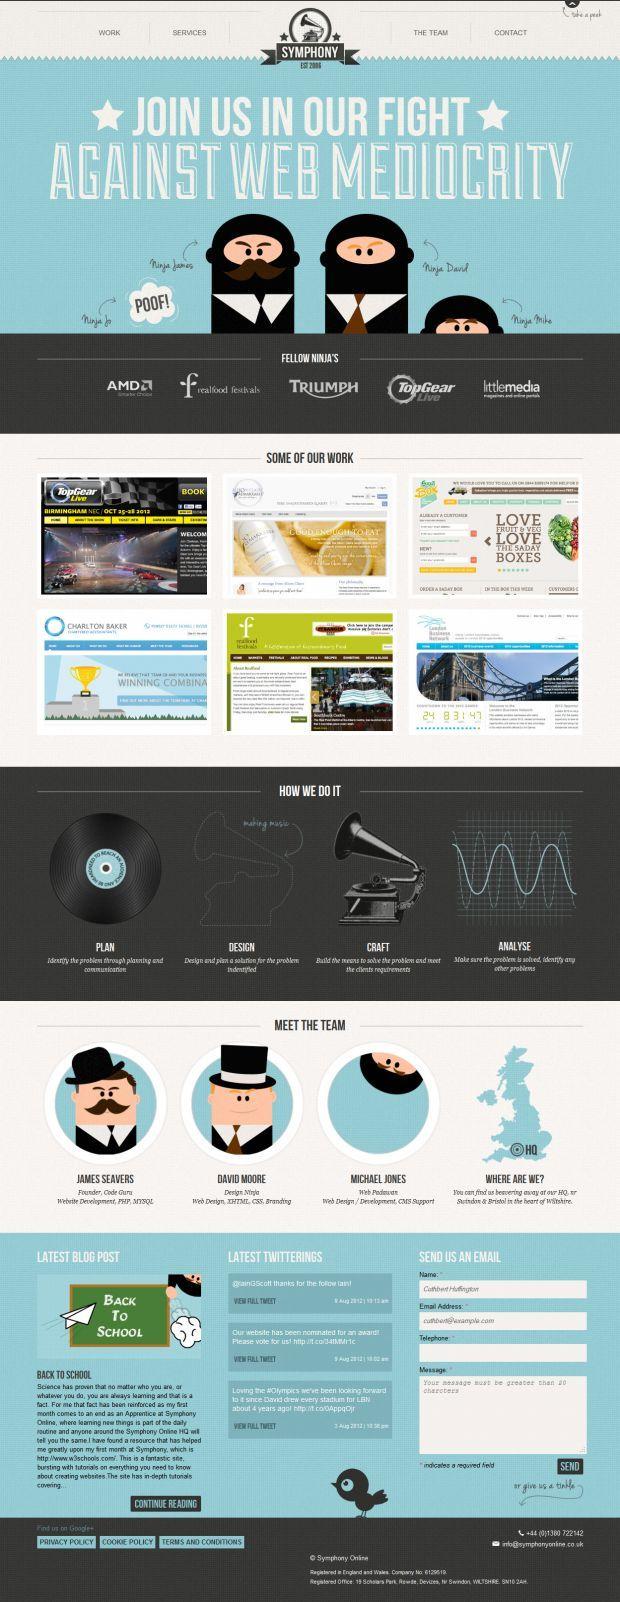 Unique Web Design Symphony Ruevalfere Webdesign Design Http Www Pinterest Com Aldenchong Unique Web Design Online Web Design Web Development Design